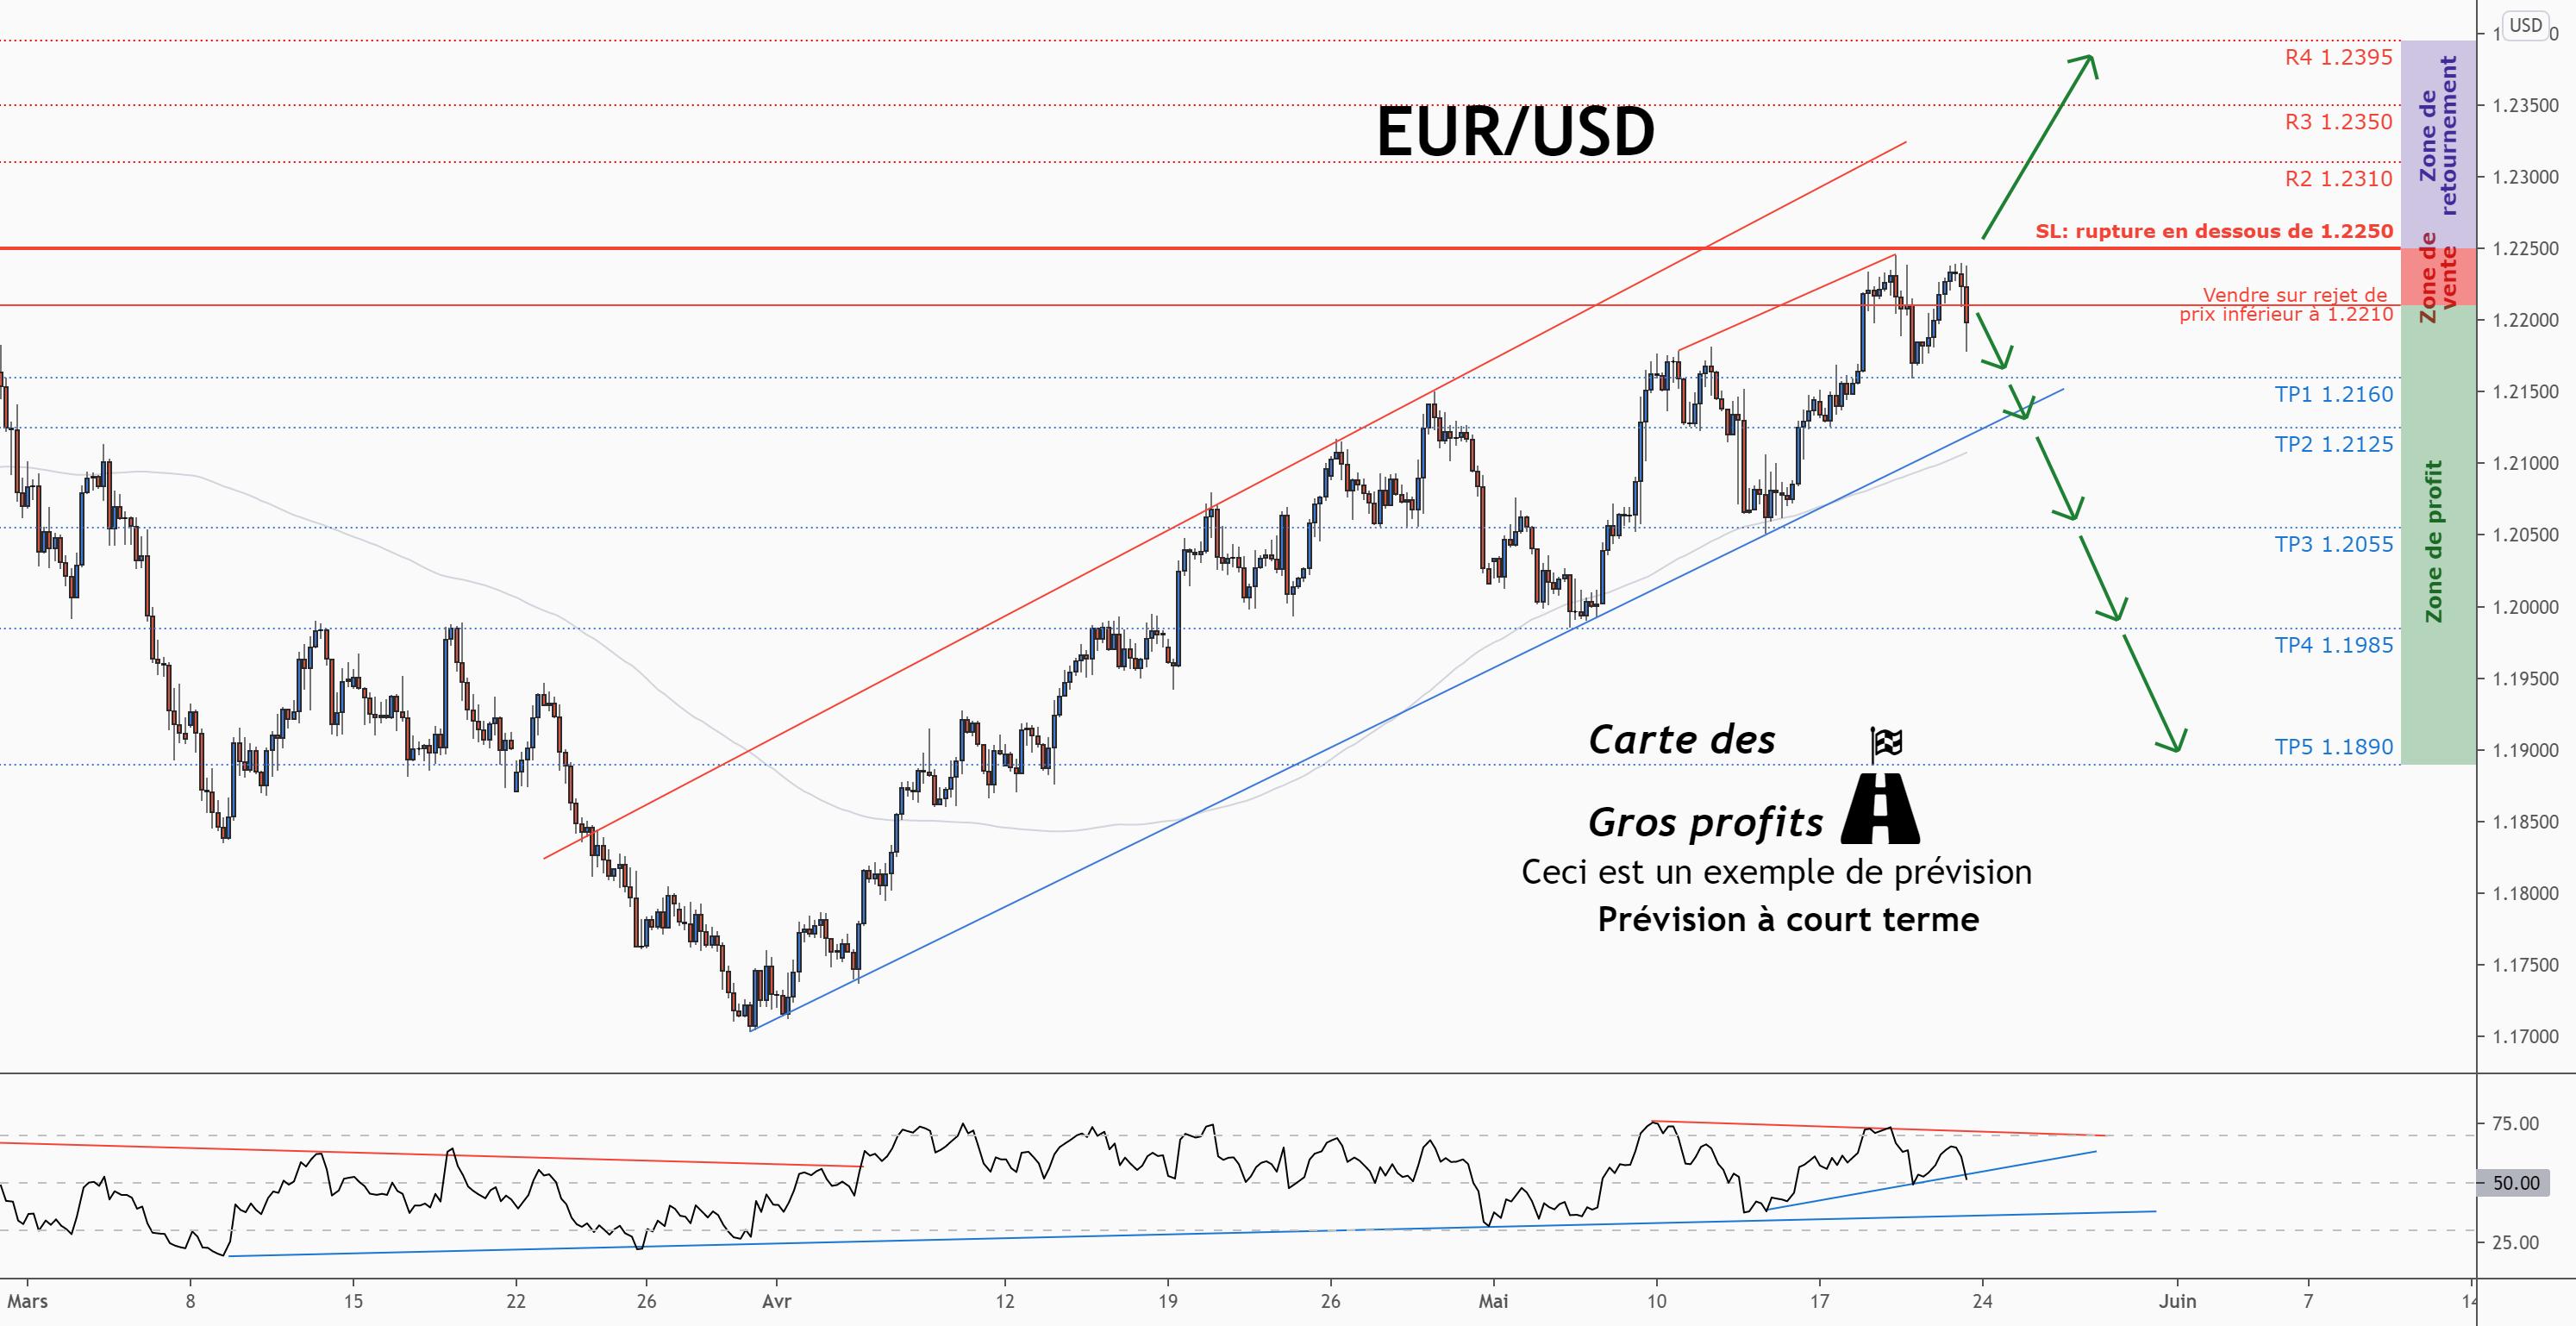 💡Ne manquez pas la grande opportunité de vente dans EURUSD pour FX:EURUSD par ForecastCity_Francais